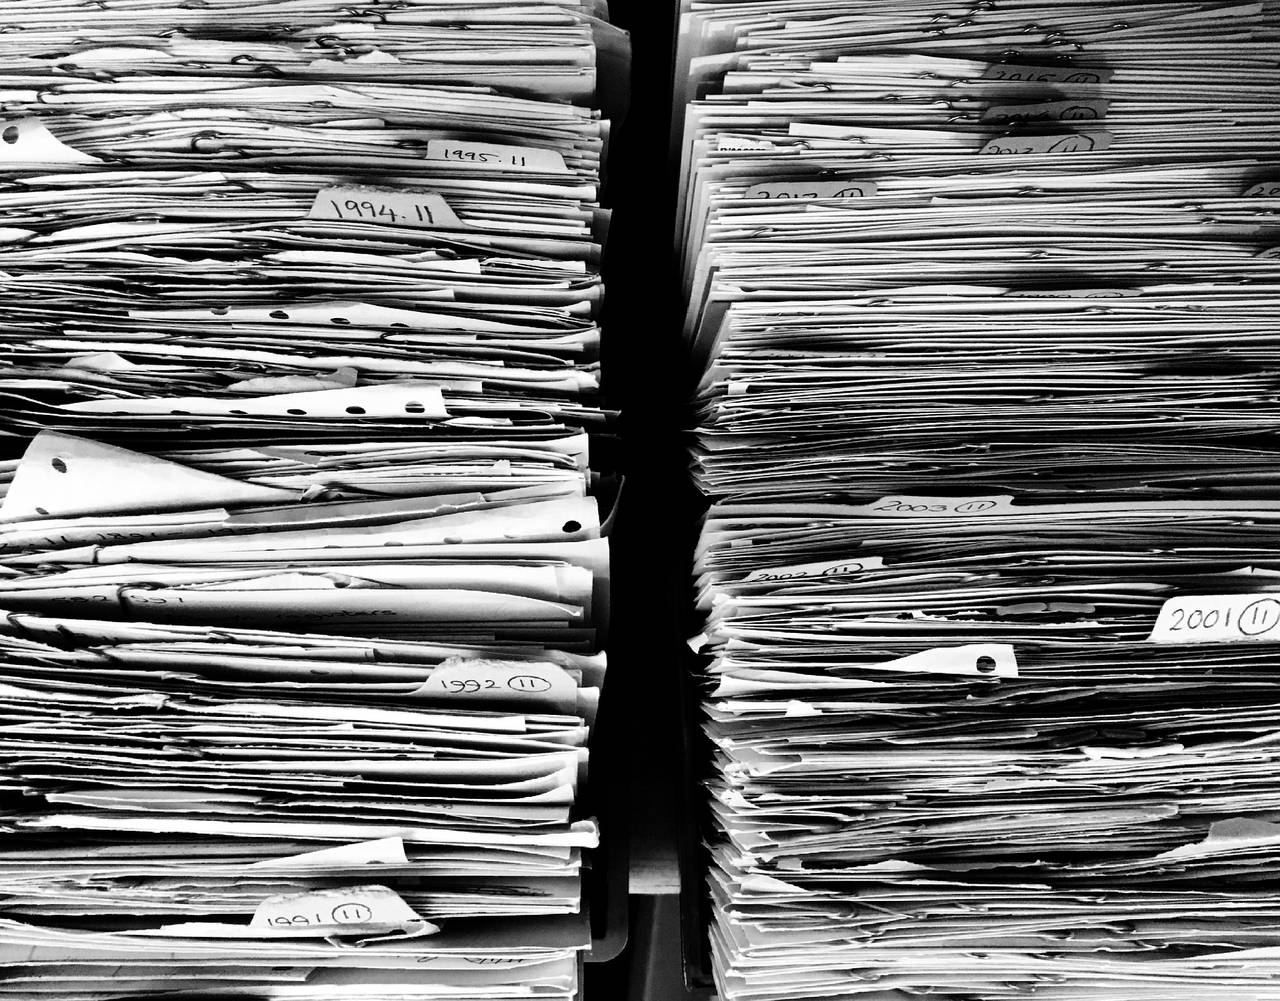 sterta dokumentów symbolizująca raport BIK